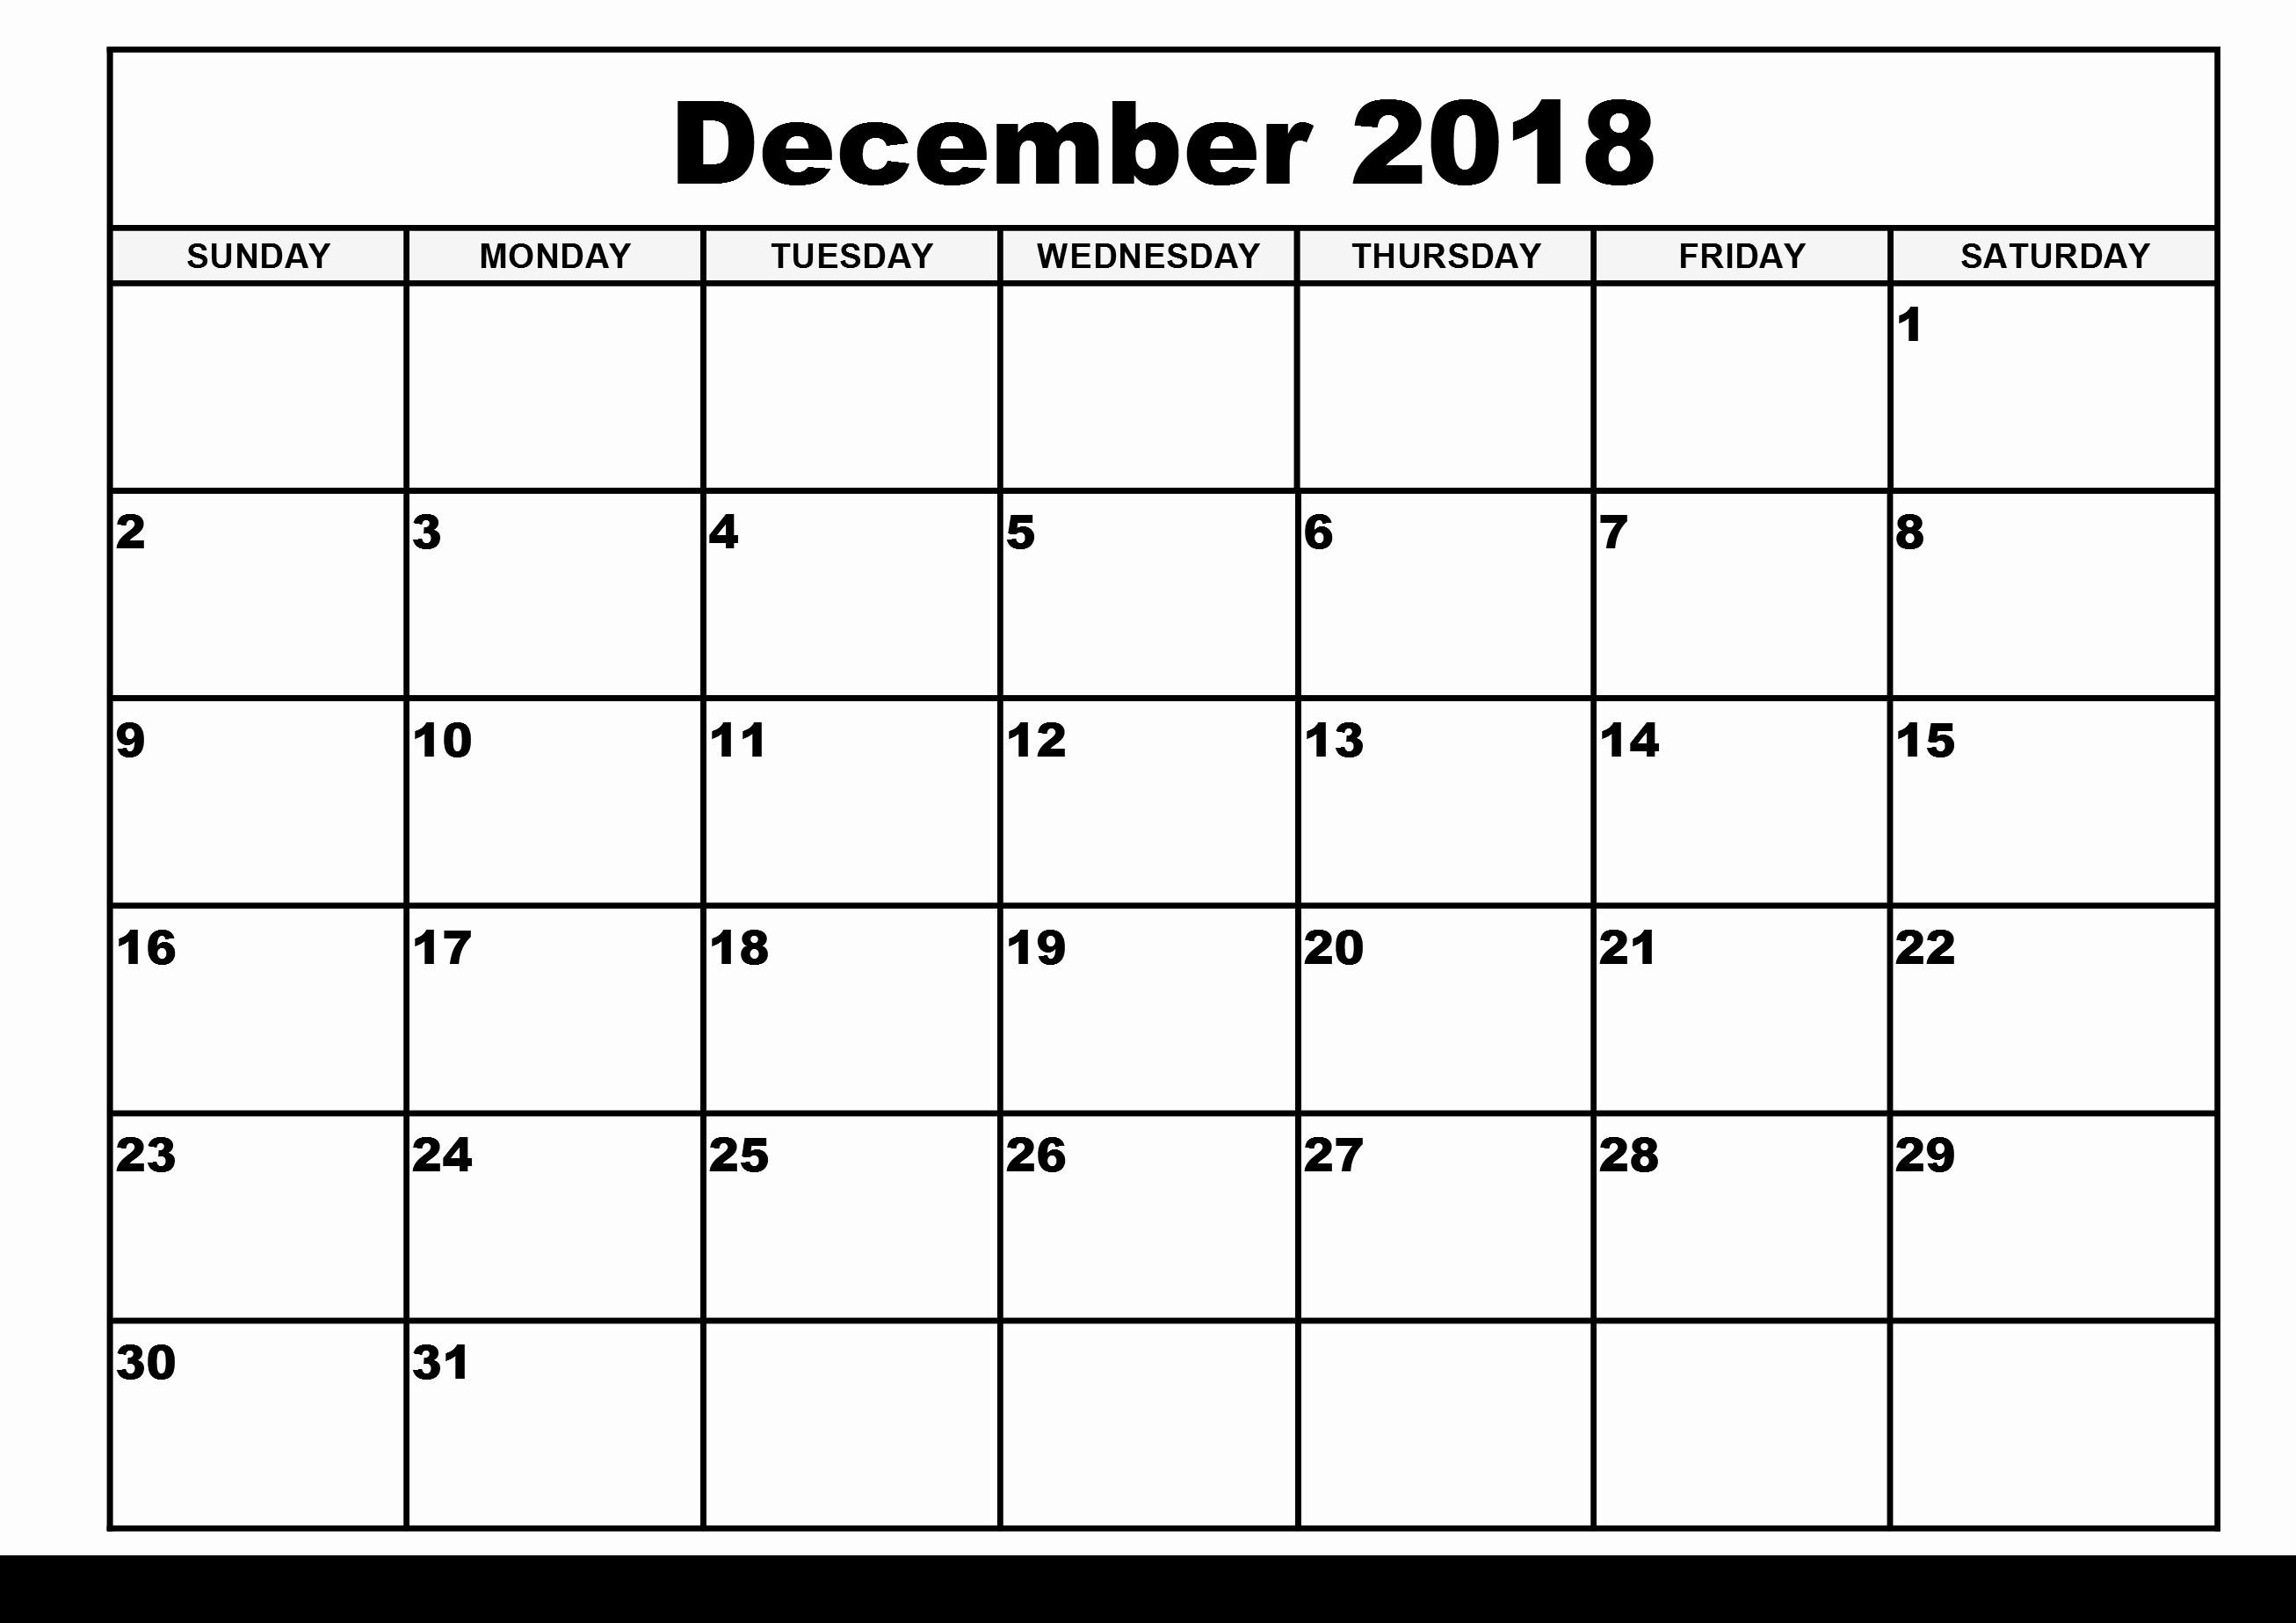 Printable Calendar December 2018 Landscape Unique December 2018 Calendar Printable Free]